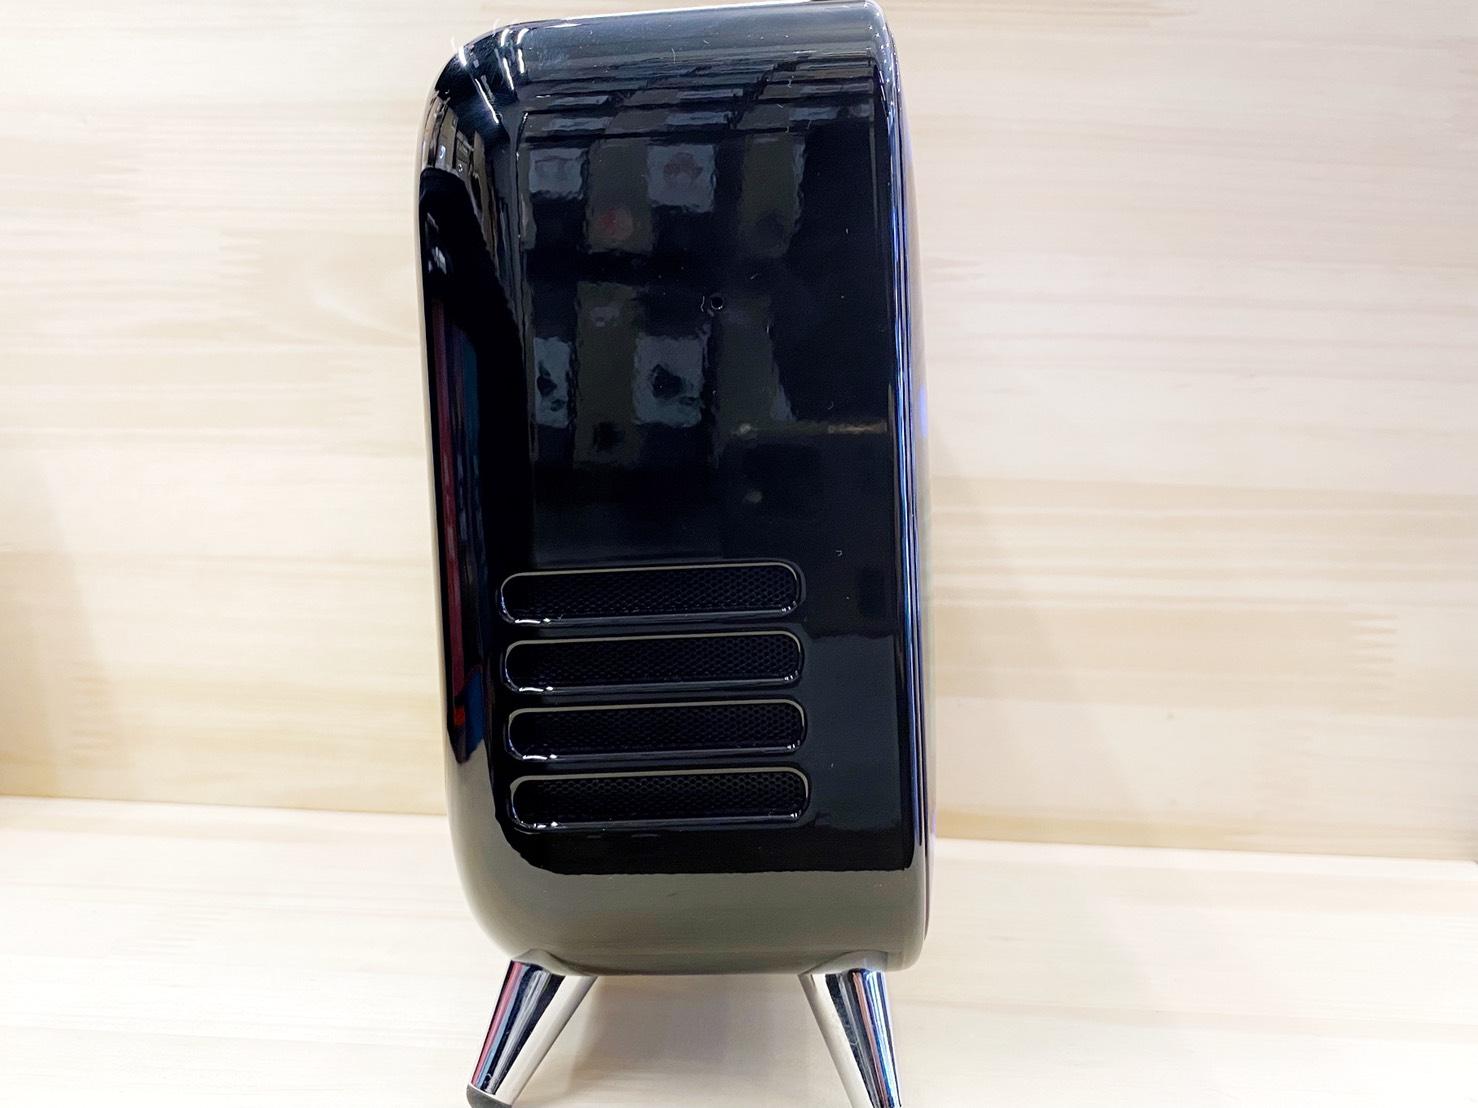 レトロテレビ型スピーカー「TIVOO MAX ブラック」